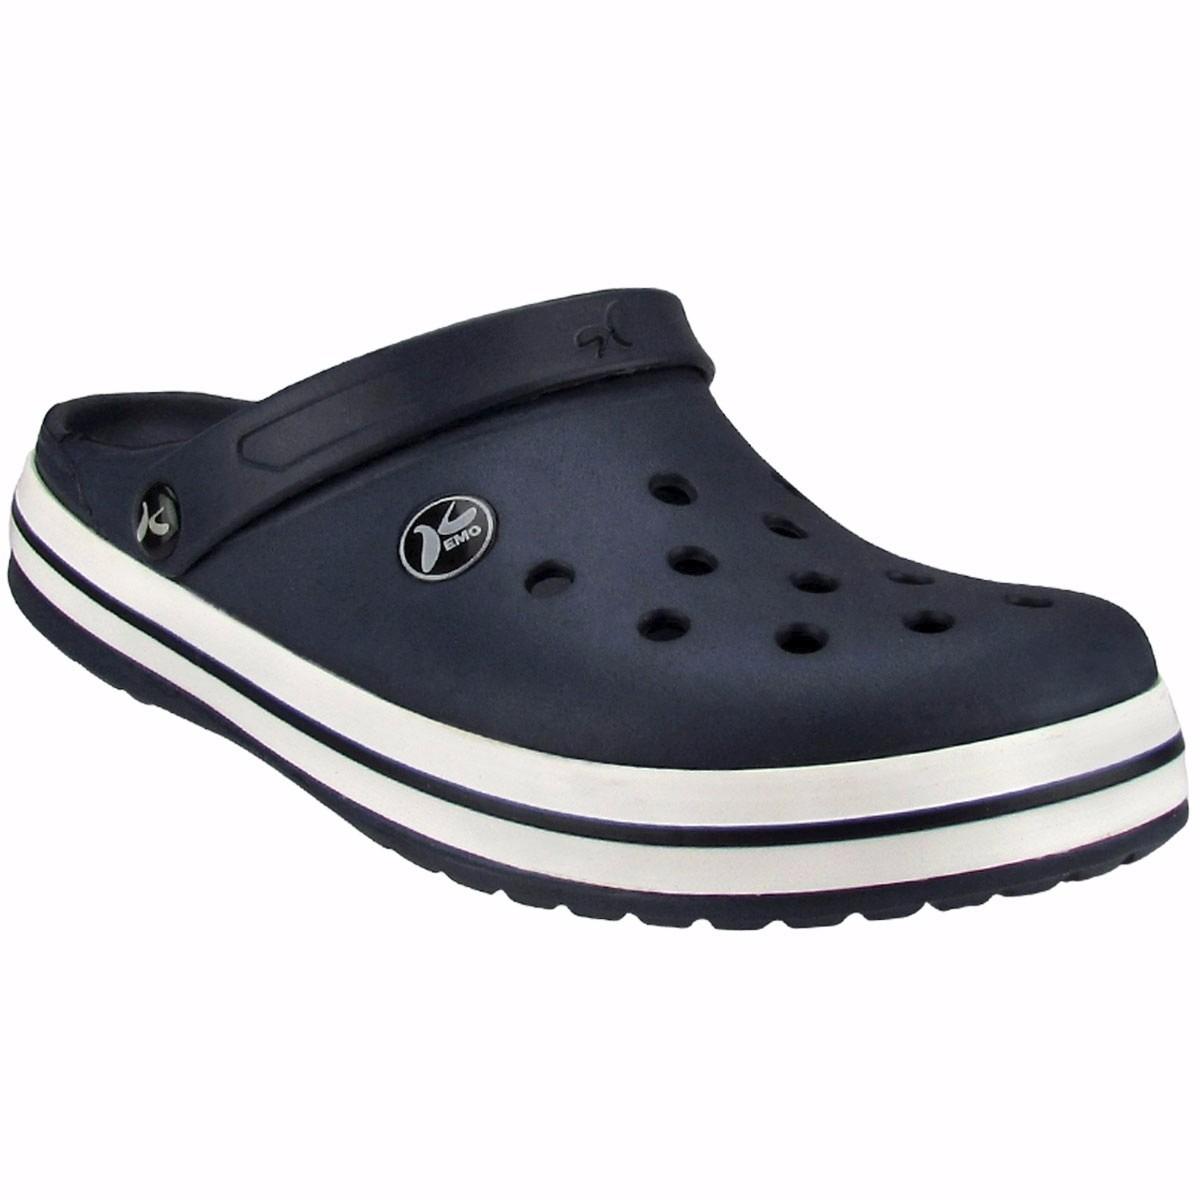 241c1de234 sandália crocs kemo preto leve confortável original unissex. Carregando  zoom.